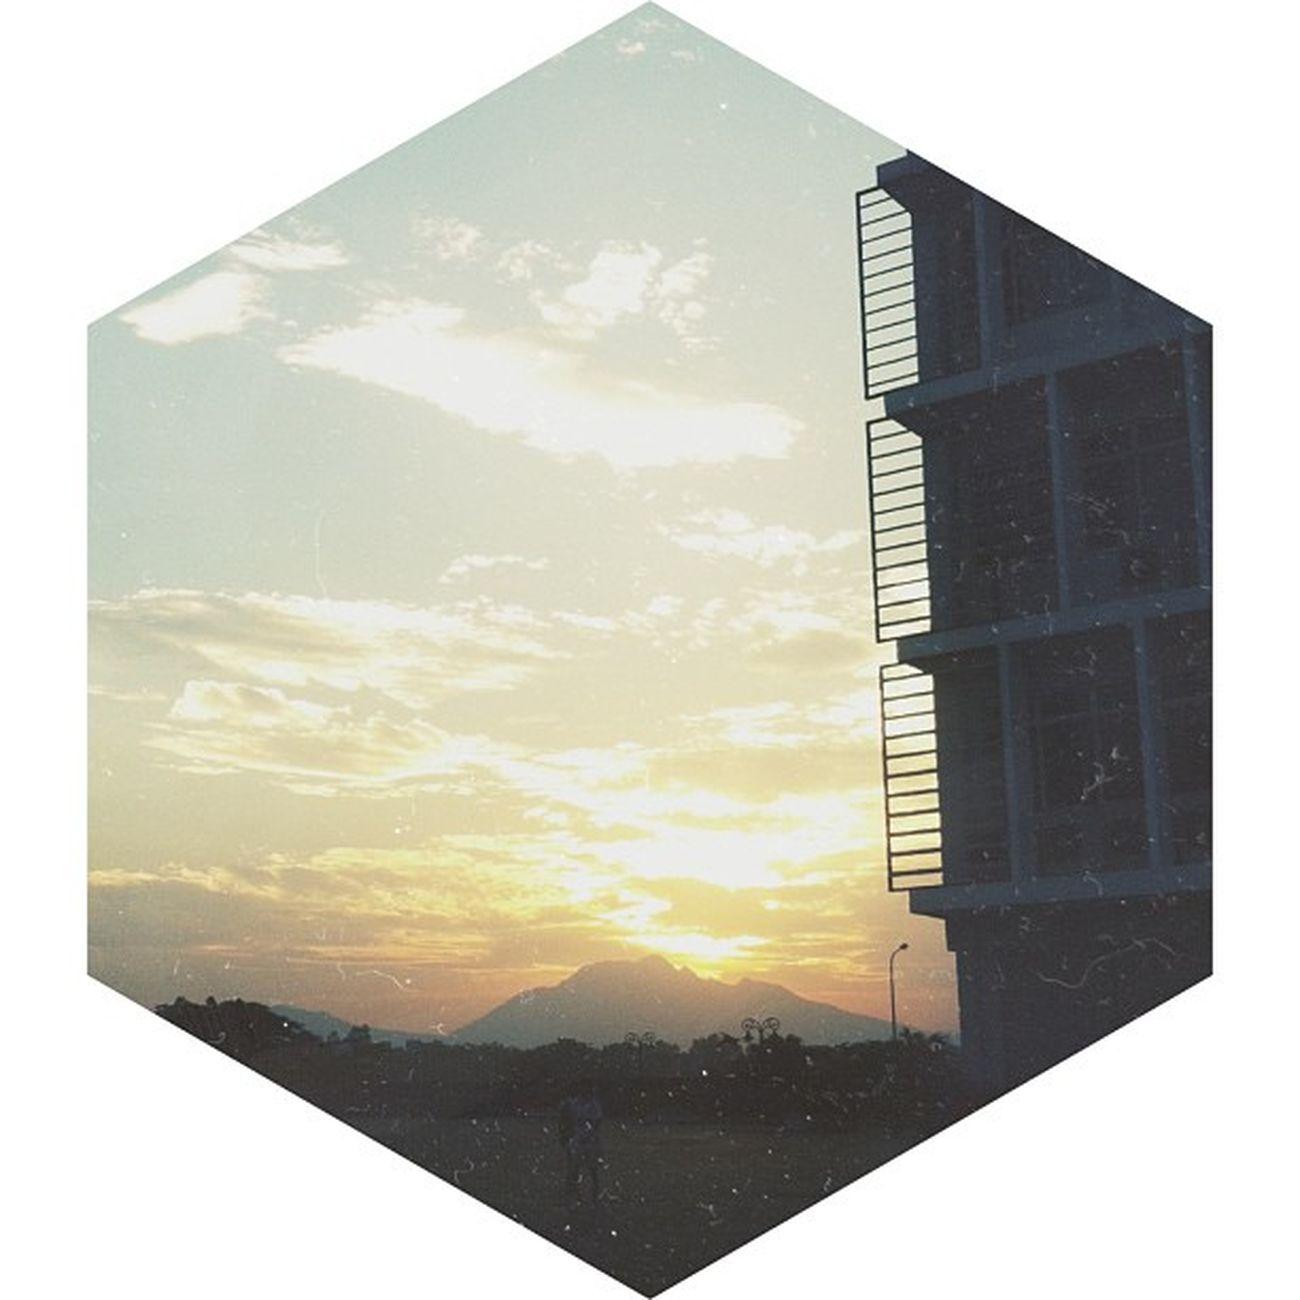 Sunset in Hoa Lac. Tháp nghiêng Hoà Lạc + Núi + hoàng hôn ?. Sunset Mountain Sun Fpt university